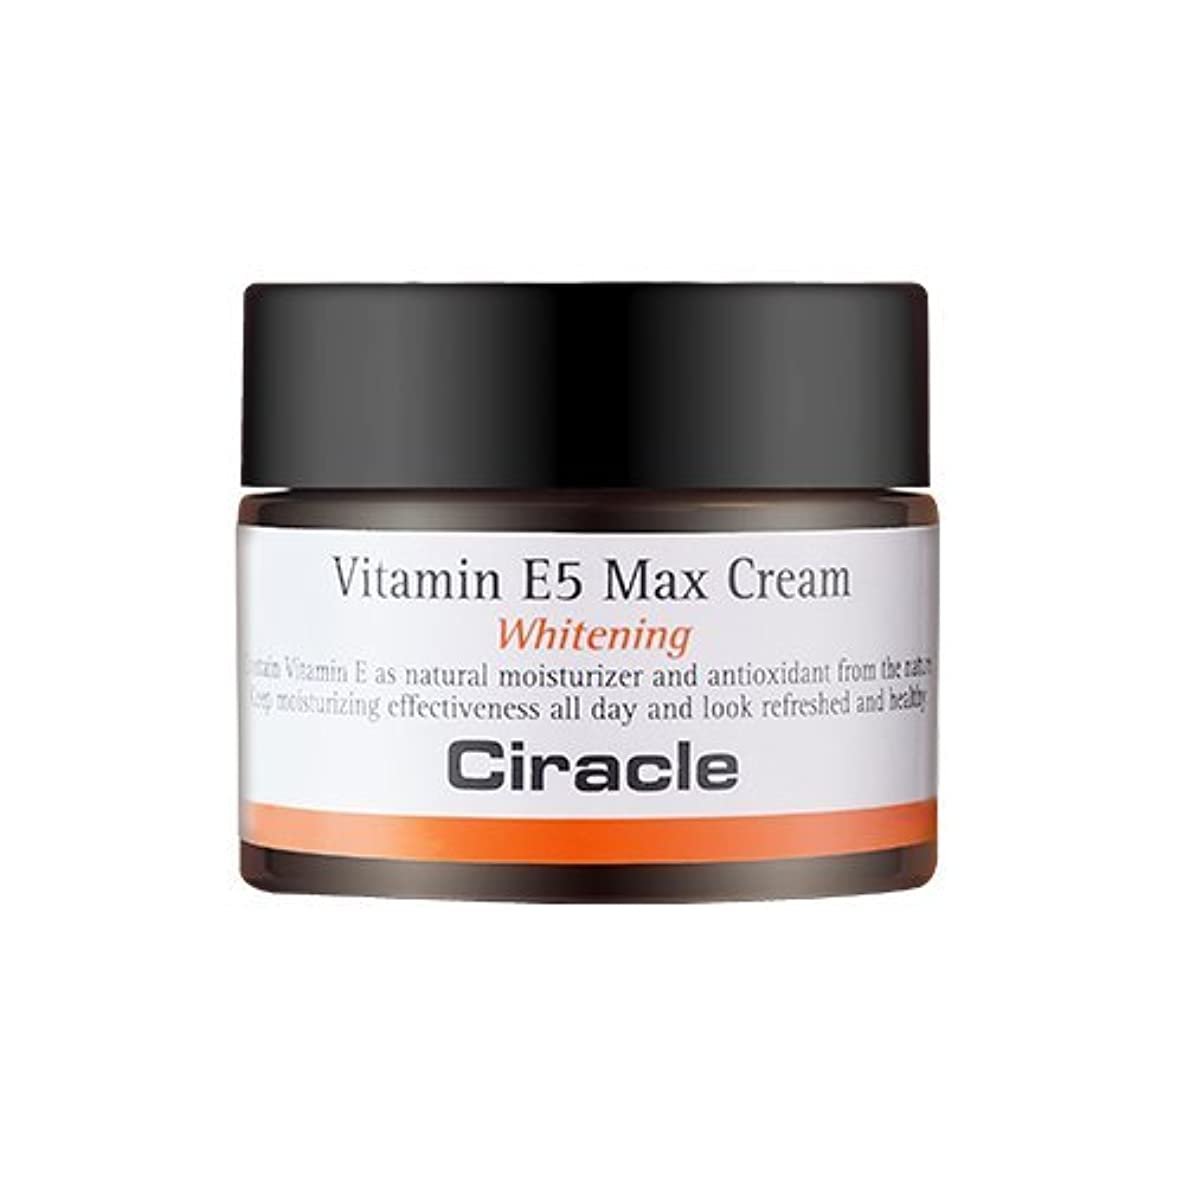 回想許容できるモノグラフCiracle Vitamin E5 Max Cream シラクル ビタミンE5 マックス クリーム 50ml [並行輸入品]